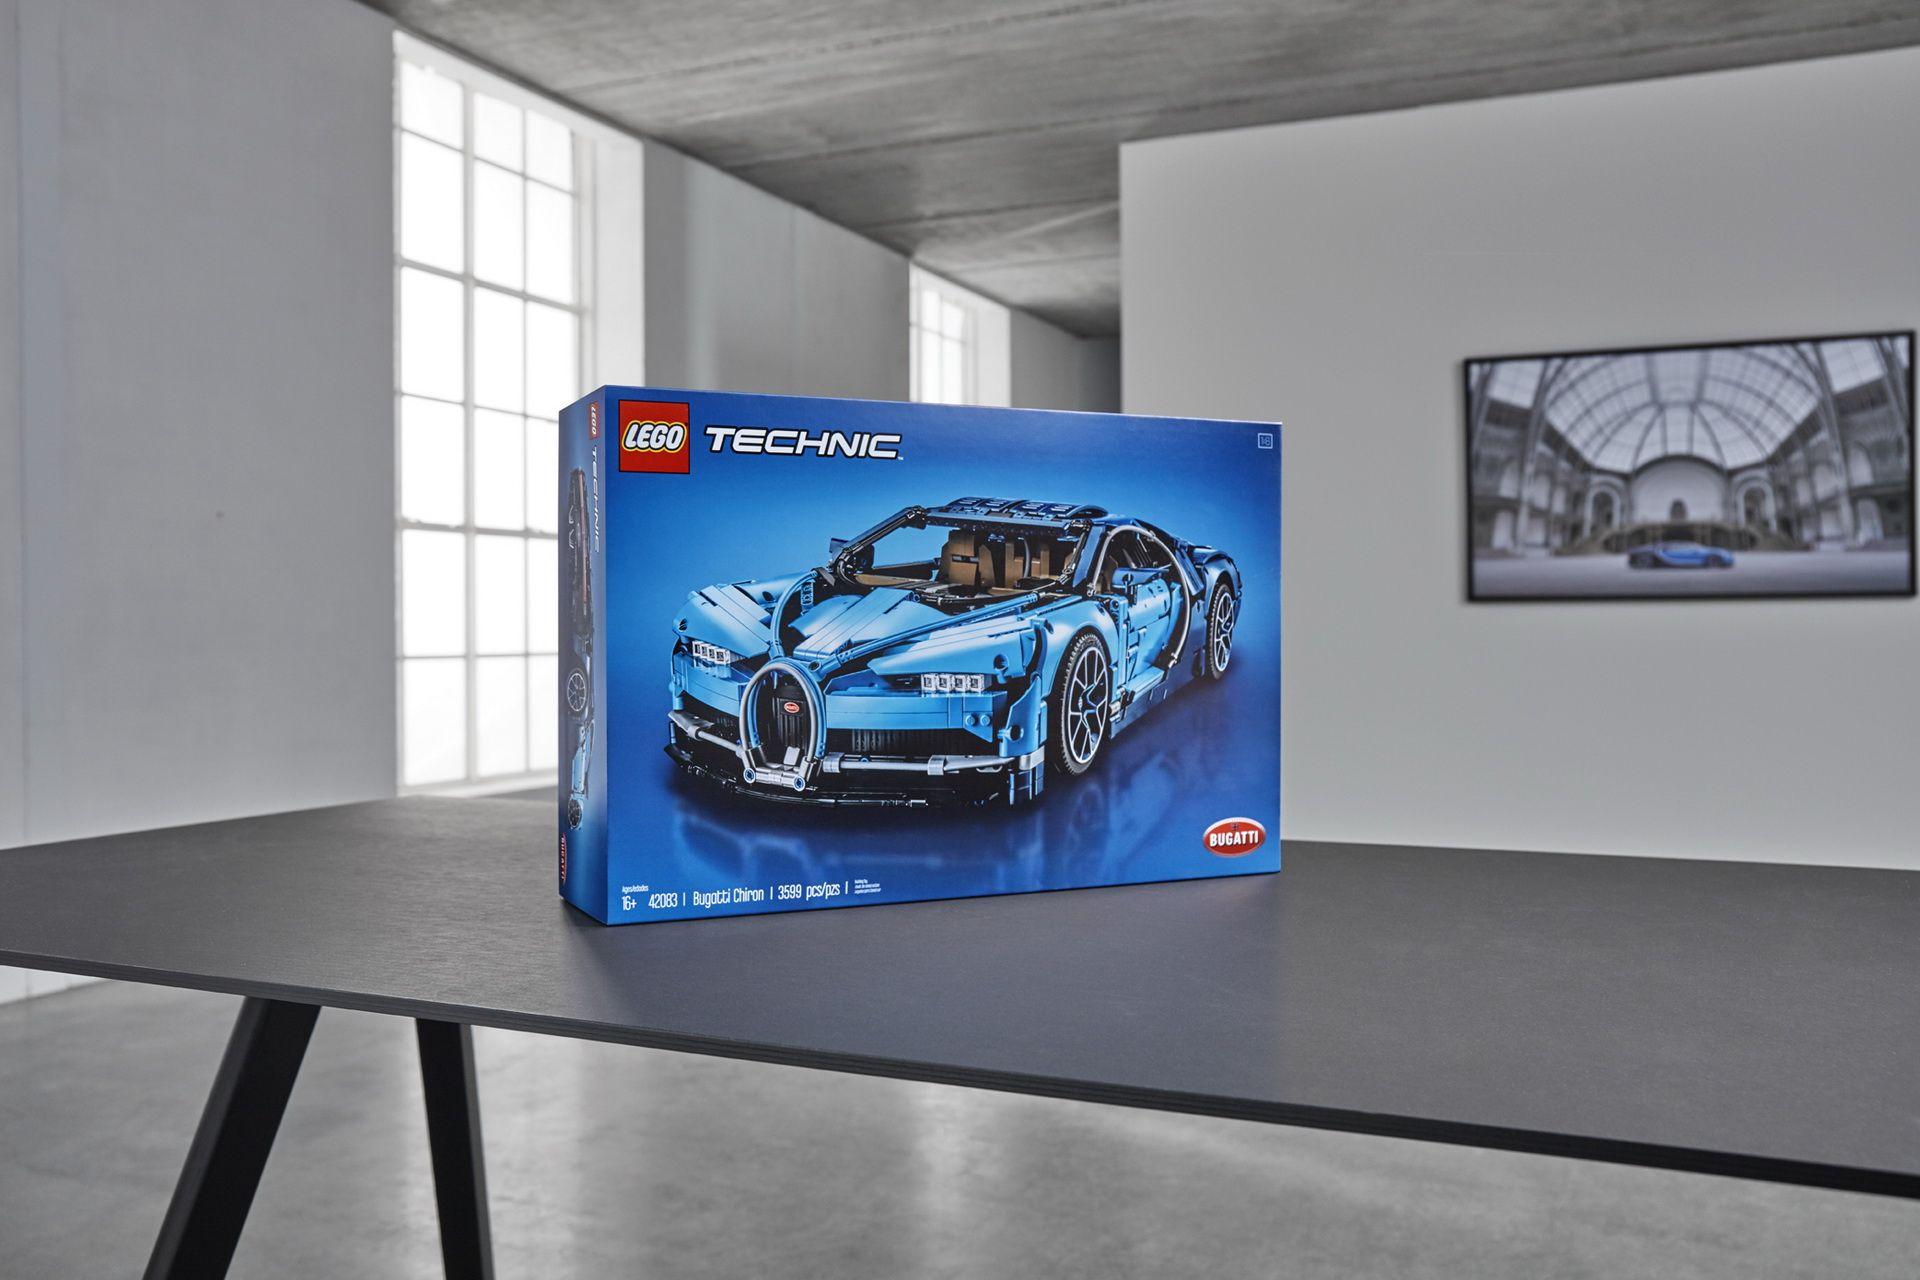 bugatti-chiron-lego-technic-33